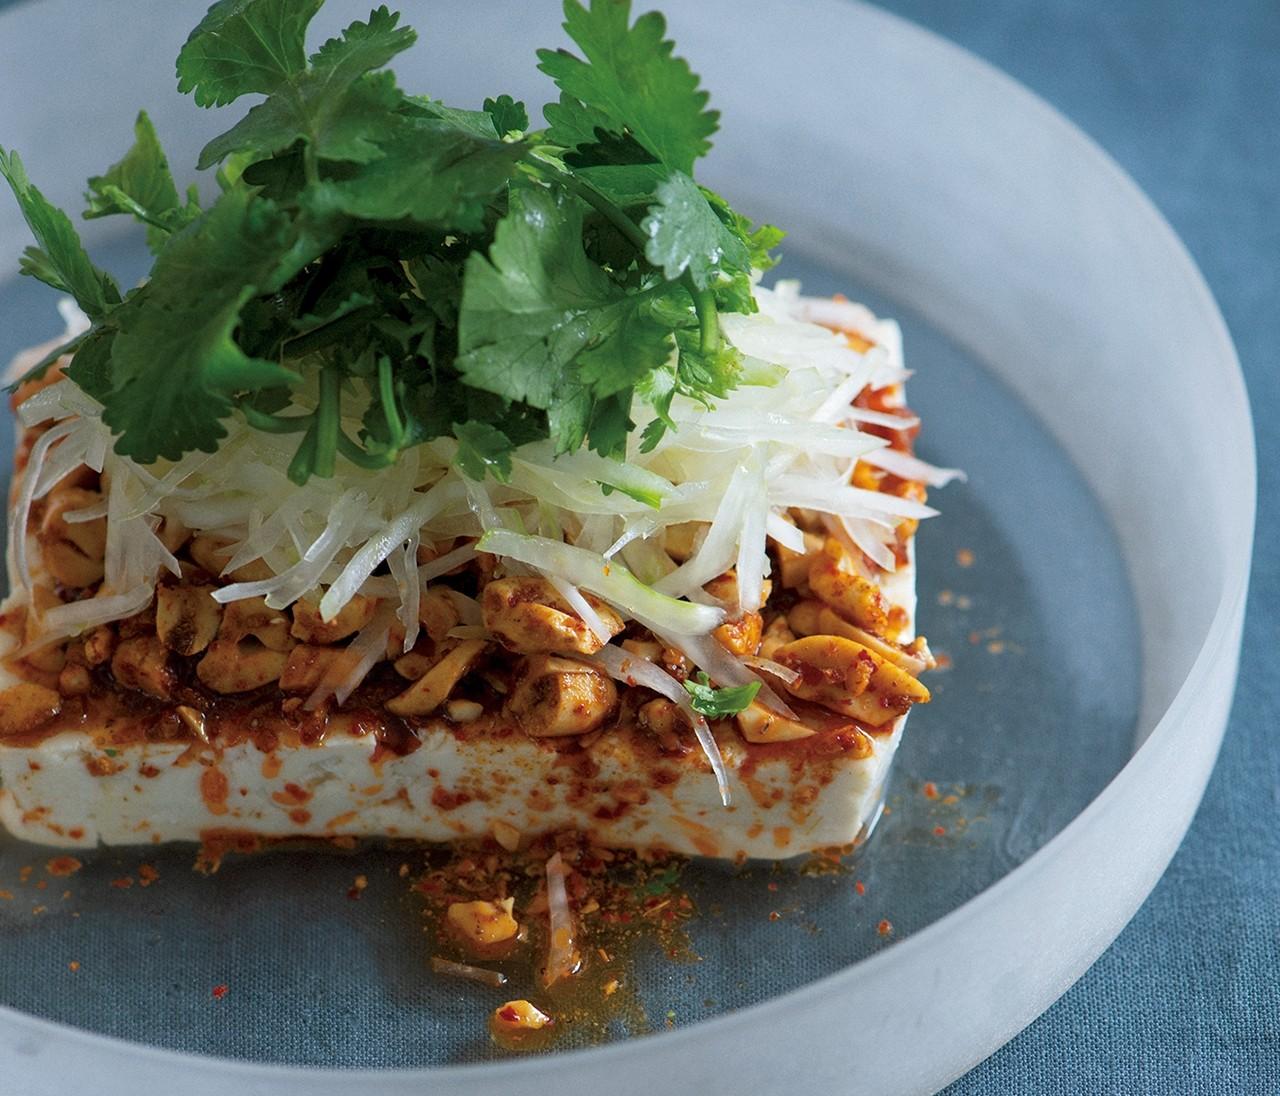 冷ややっこが格別のごちそうに【豆腐のマサラナッツかけ】のレシピ